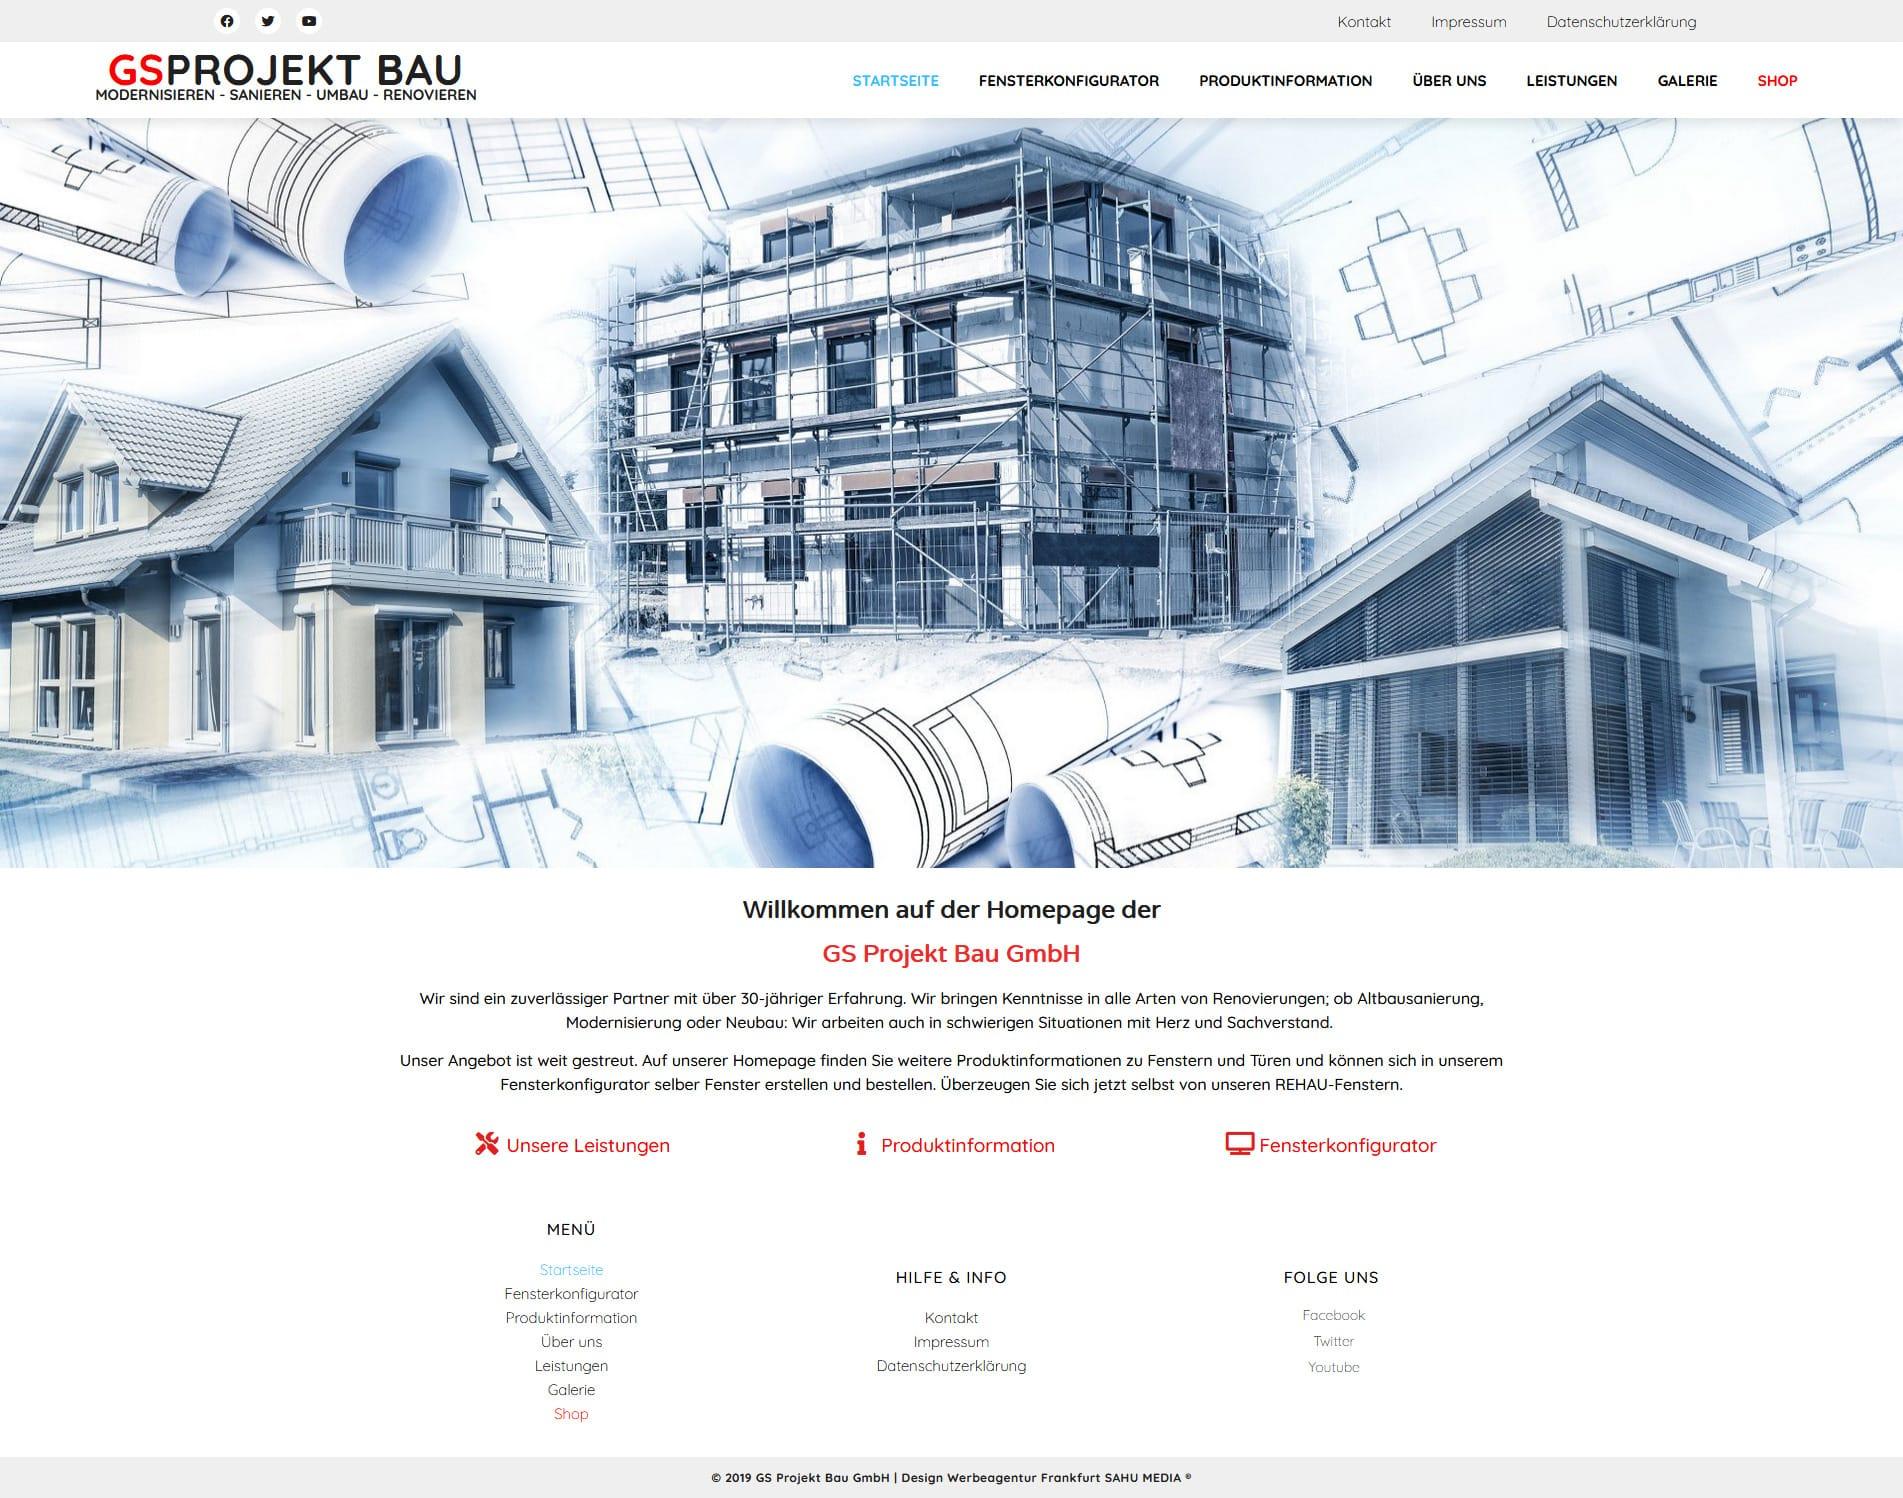 GSProjekt Bau GmbH Modernisieren – Sanieren – Umbau